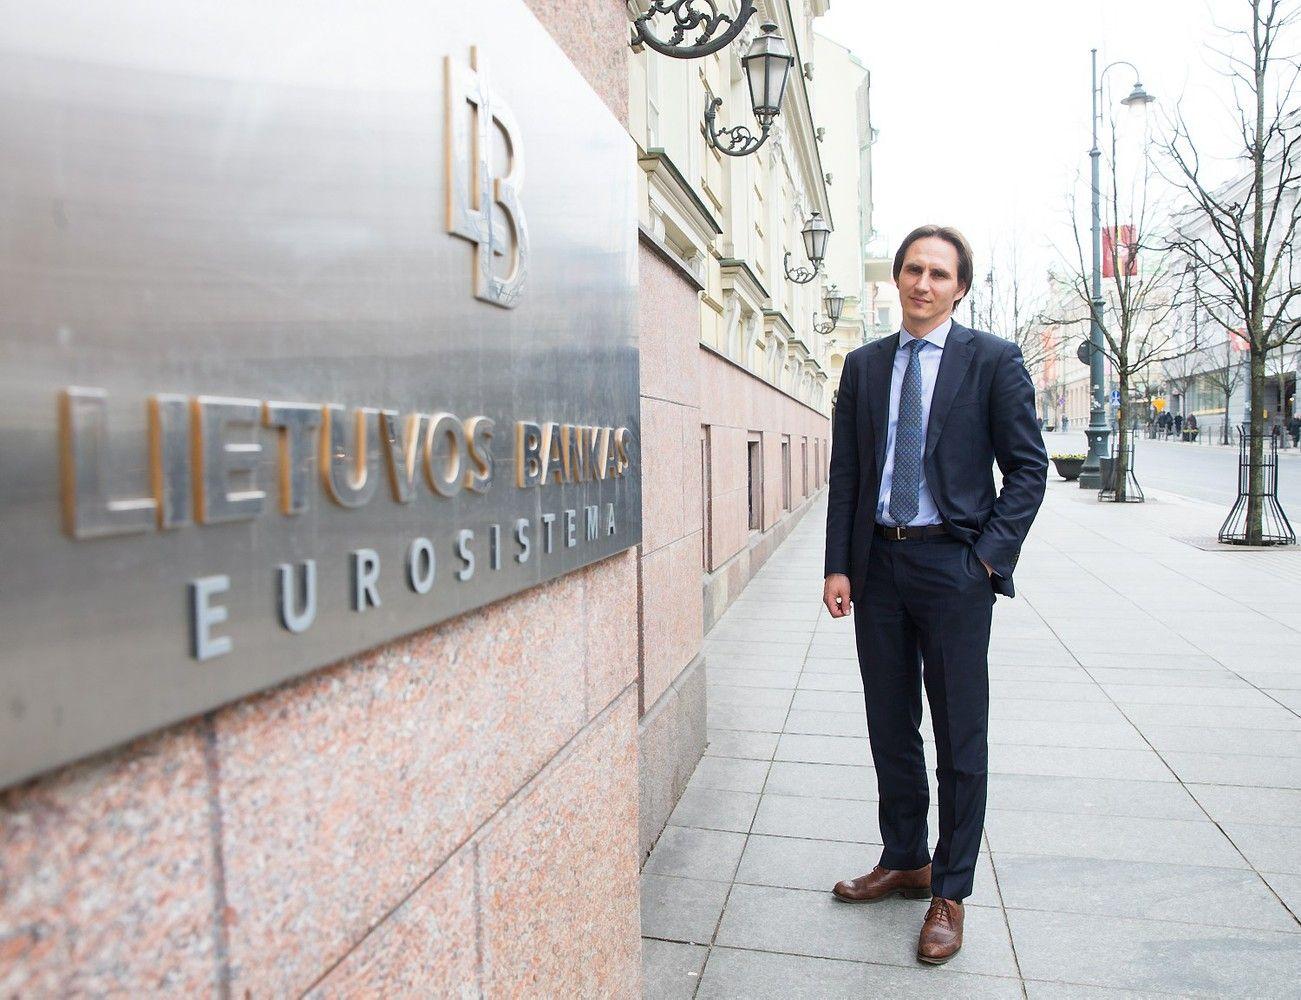 Lietuvos bankas: prižiūrimi dalyviai neturėtų verstis su virtualiomis valiutomis susijusia veikla